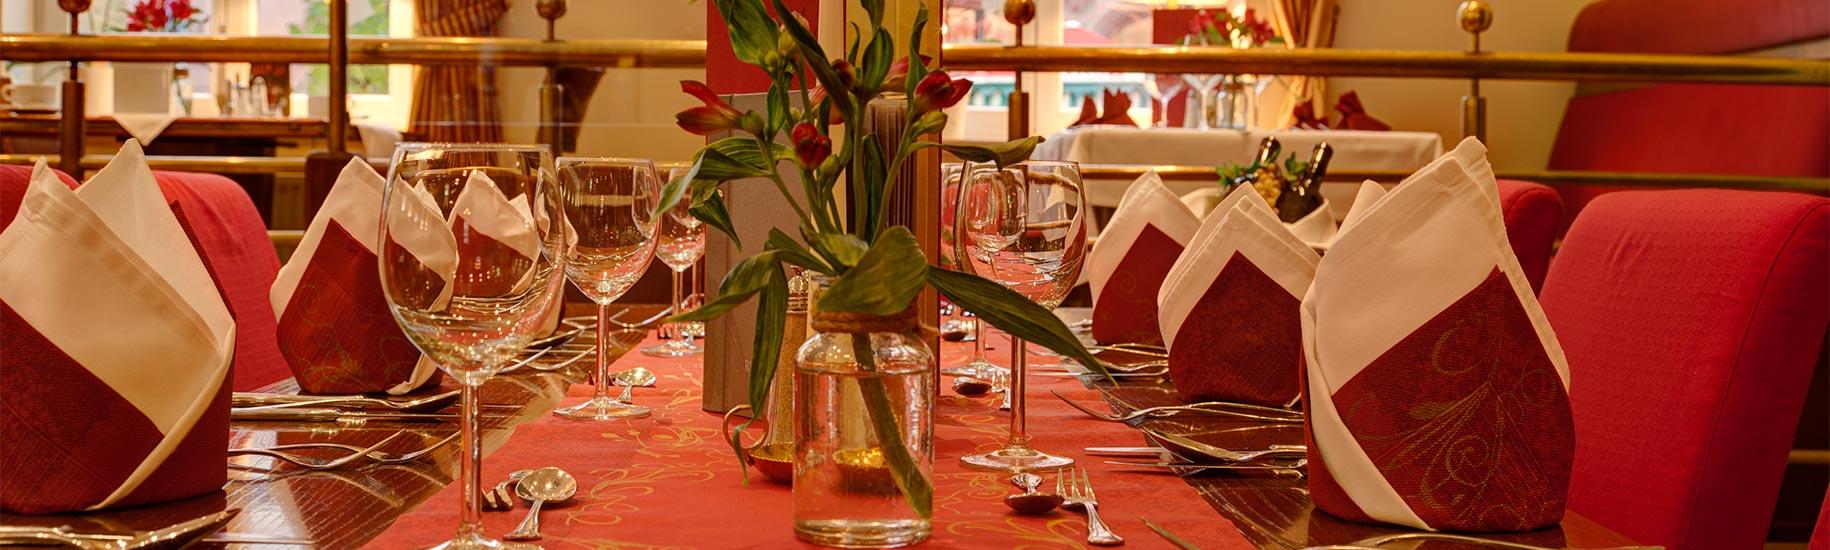 Slider-Restaurant-02